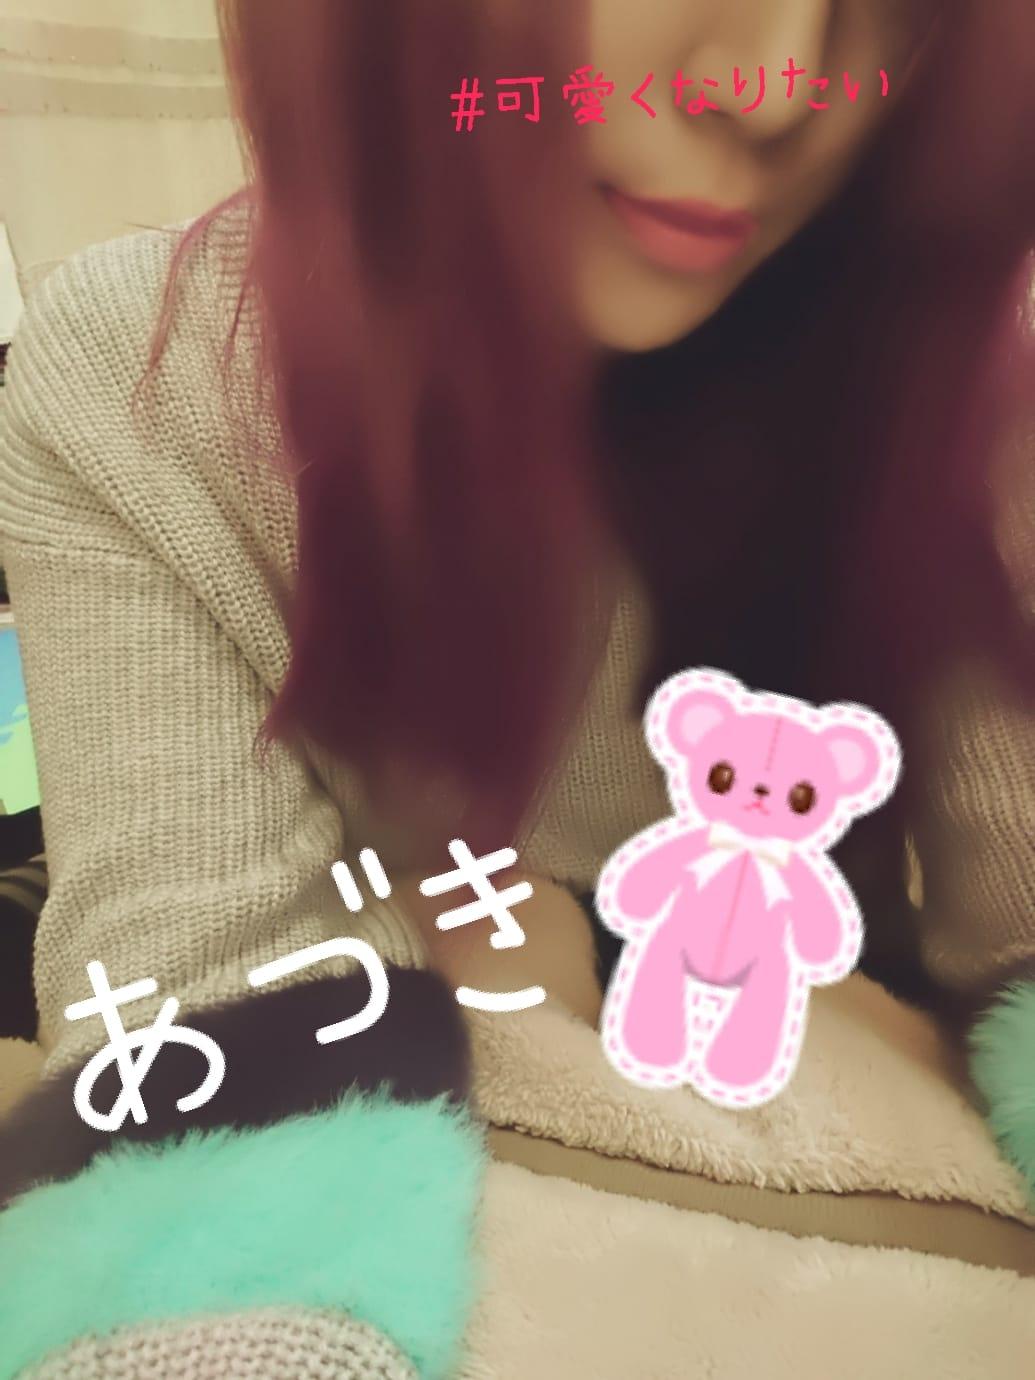 「また来月♪」01/15(01/15) 23:17   愛月(あづき)の写メ・風俗動画